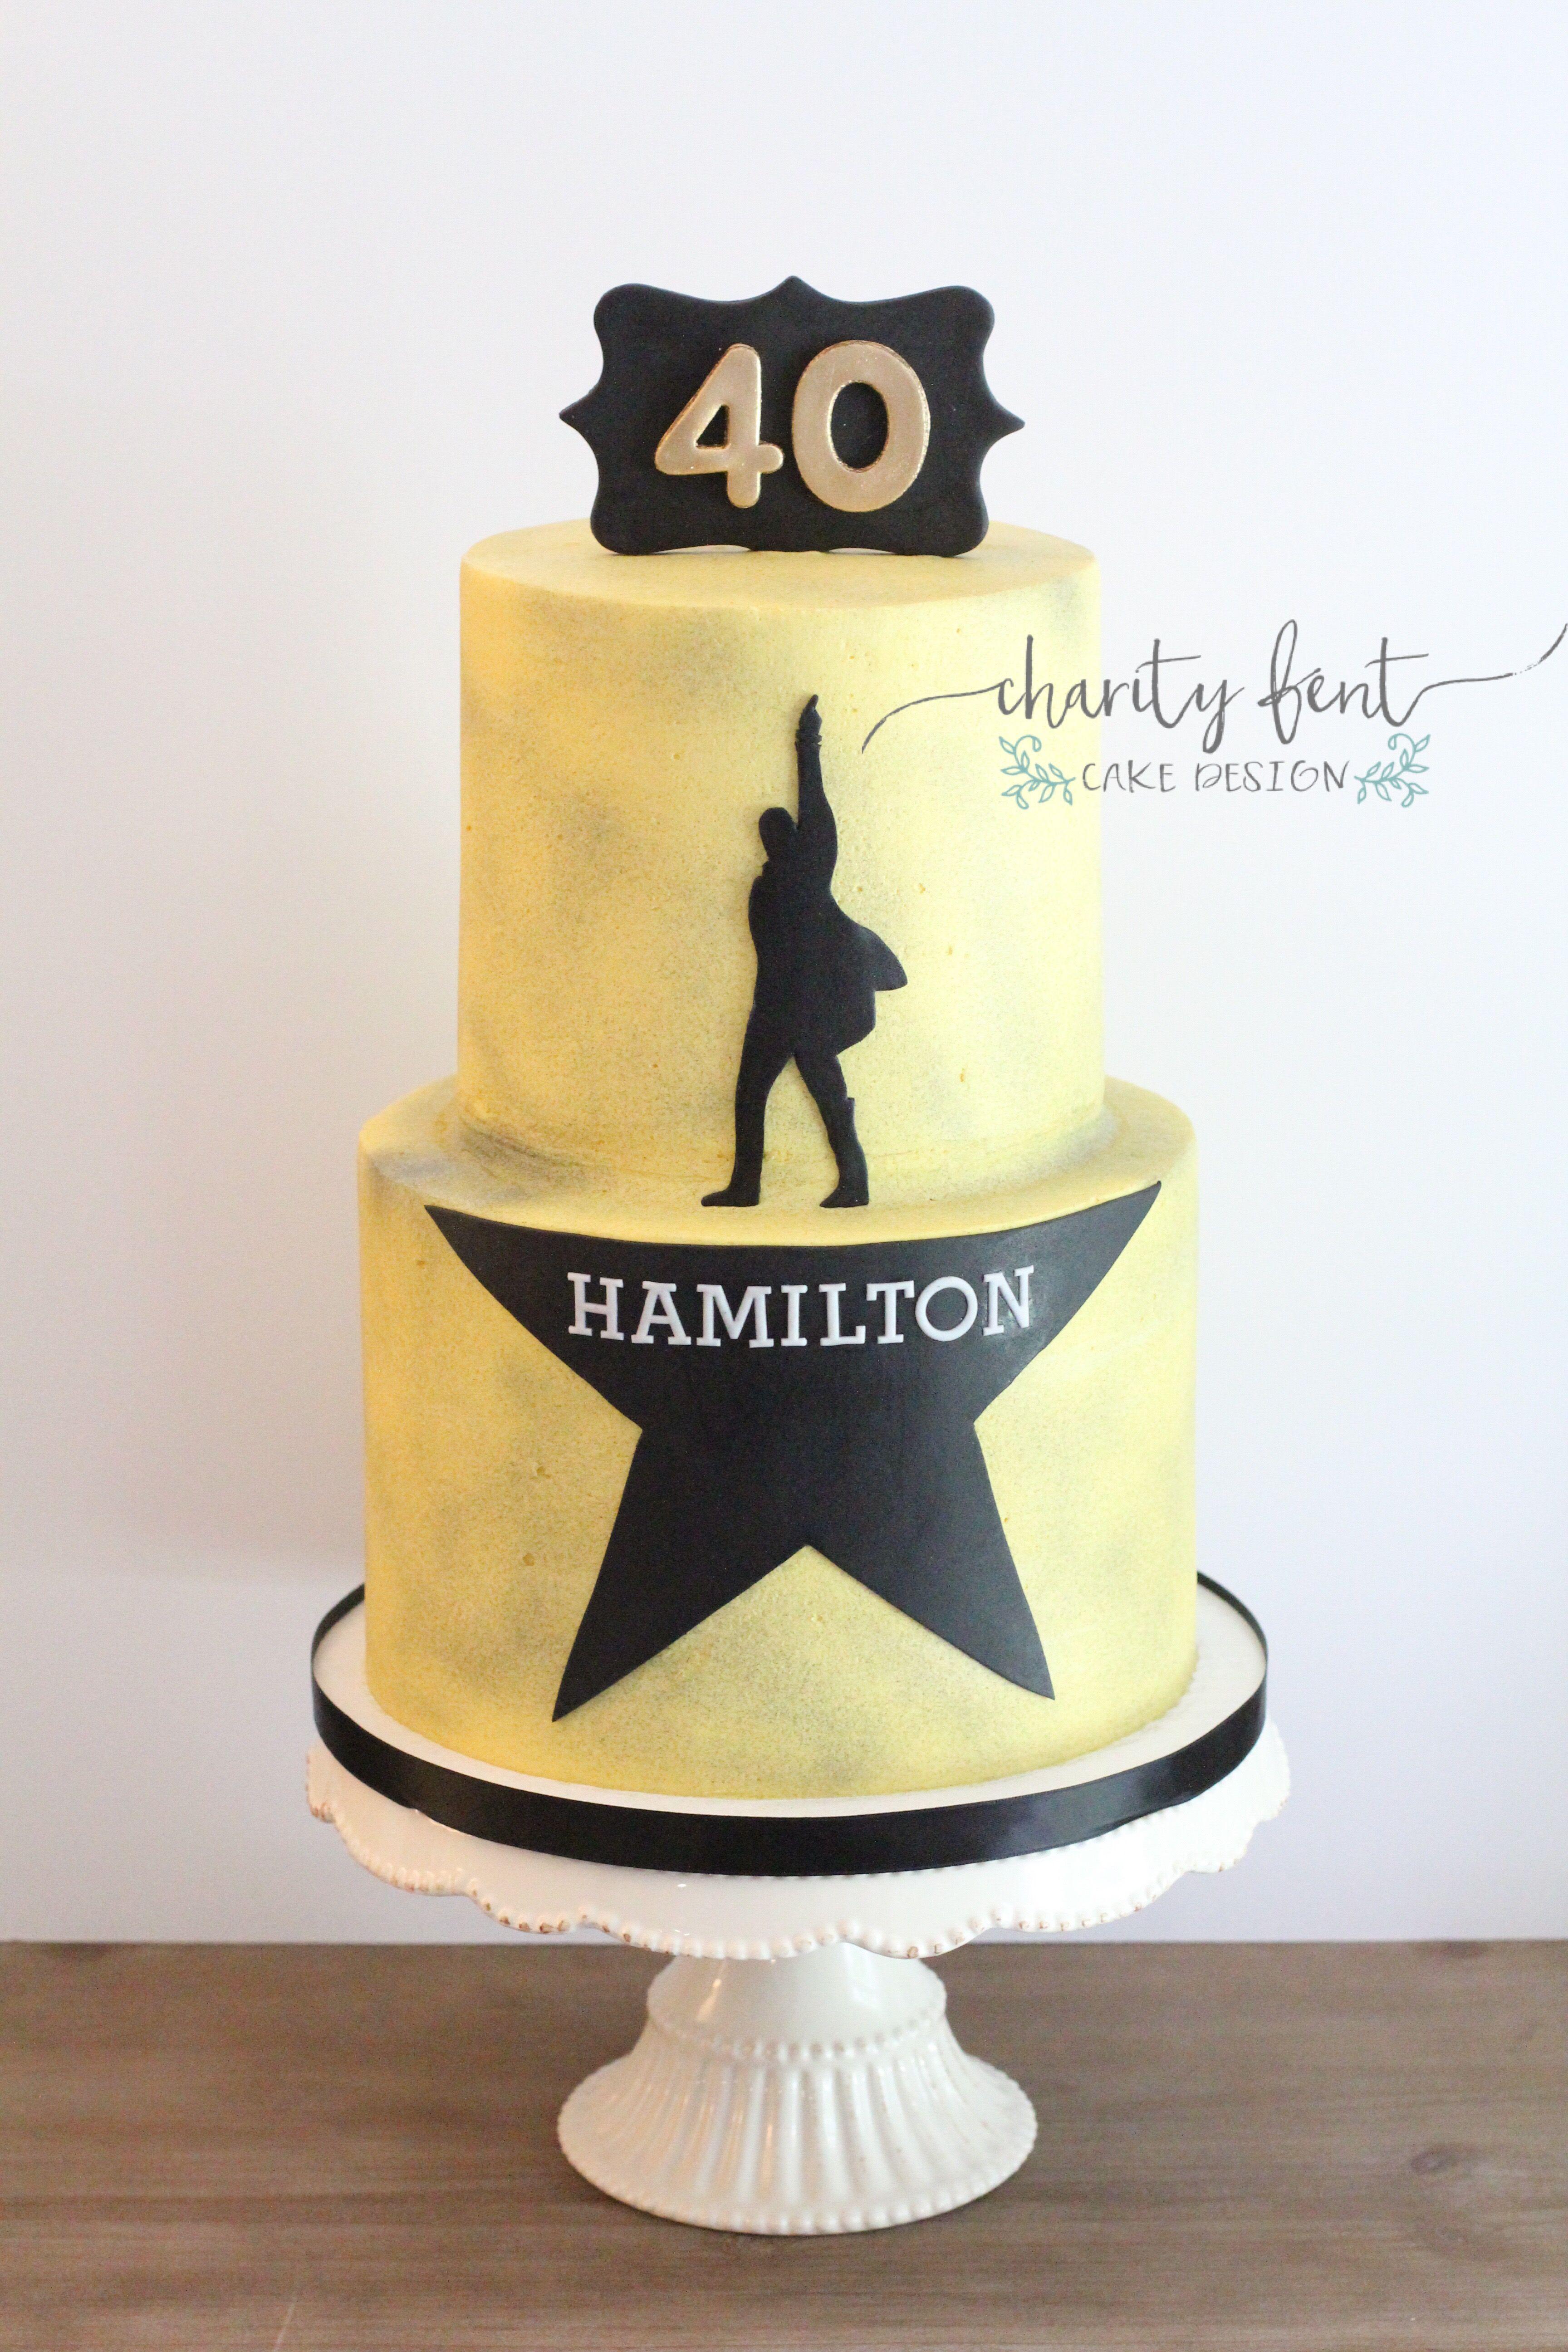 Groovy Birthday Cakes With Images Cake Rockstar Birthday Cake Design Funny Birthday Cards Online Unhofree Goldxyz